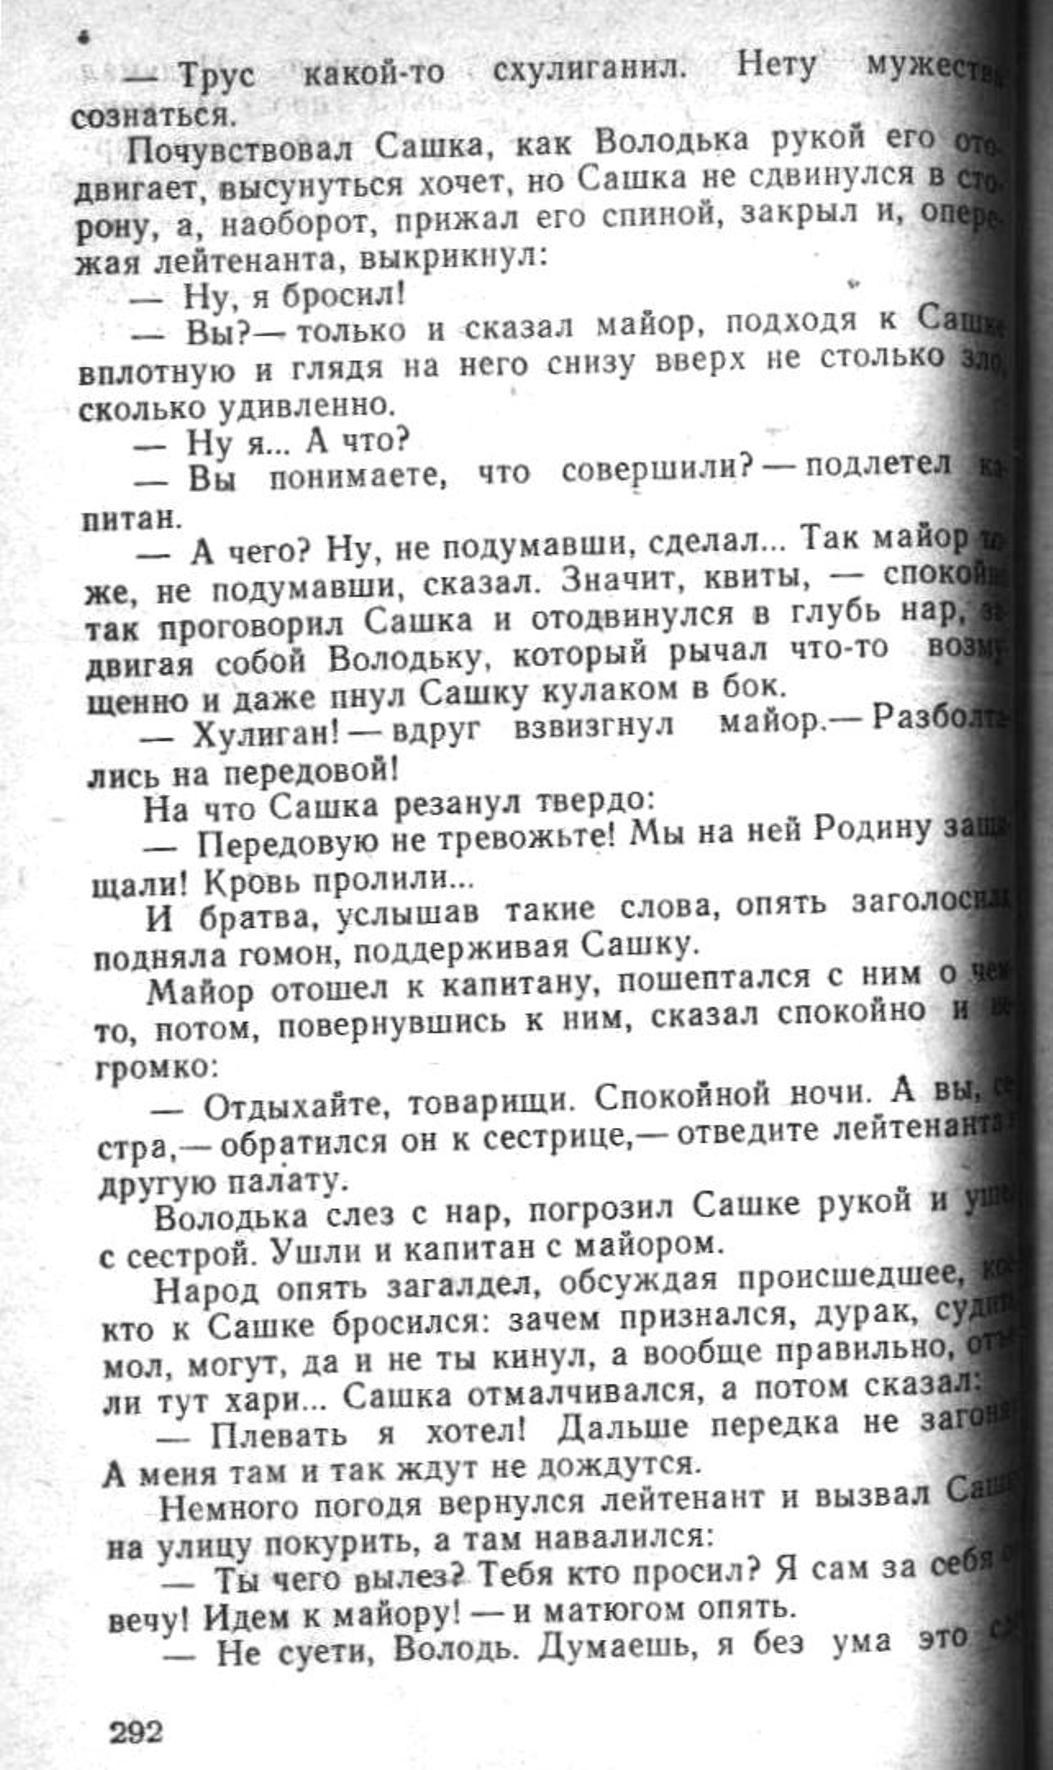 Сашка. Повесть. Вячеслав Кондратьев. 018. 001